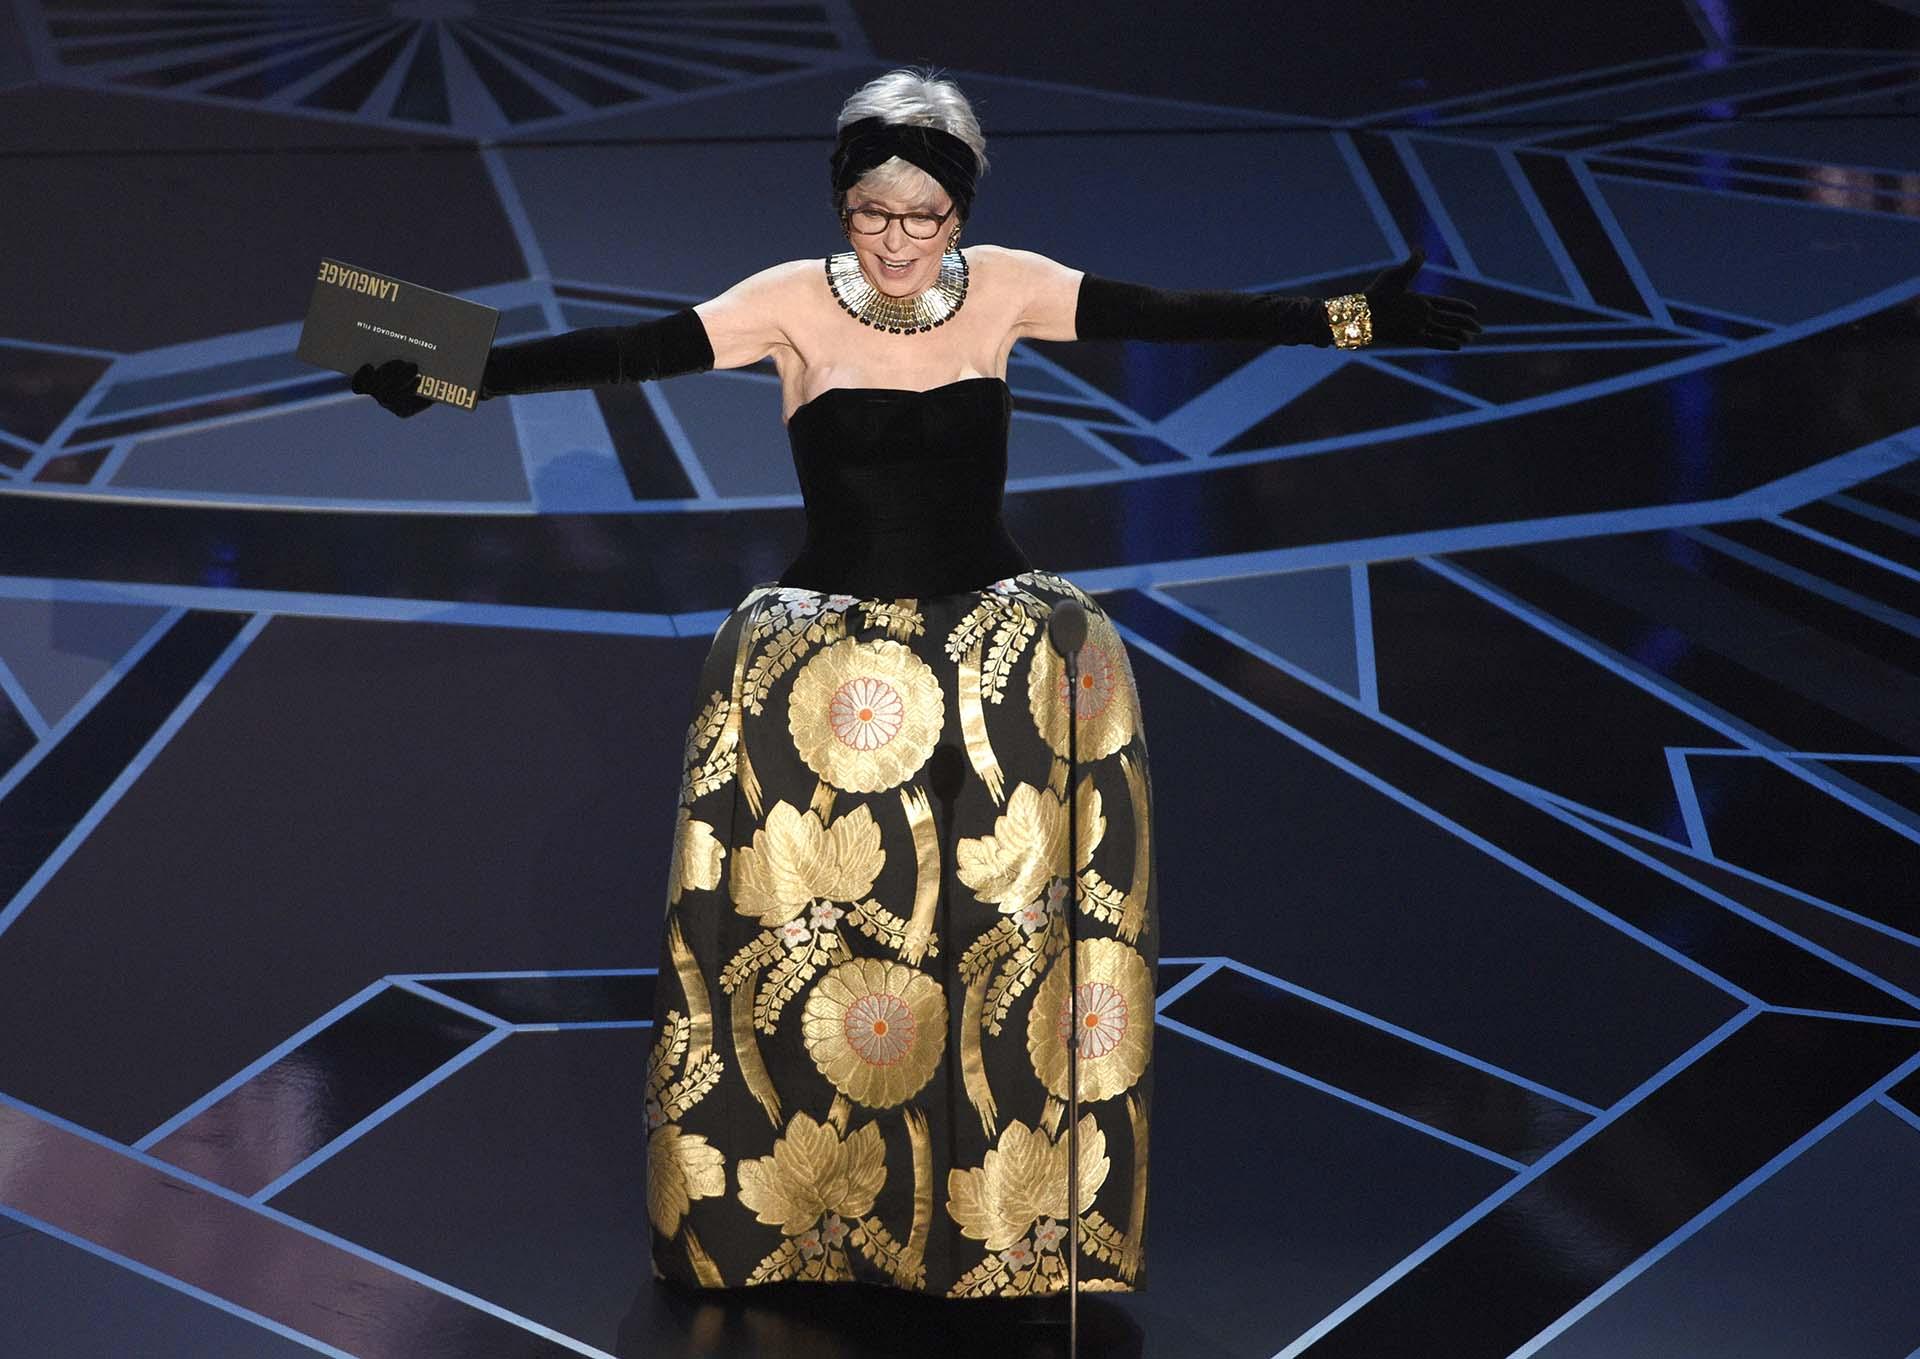 Rita Moreno asistió a la ceremonia con el mismo vestido que usó cuando ganó la estatuilla en 1962